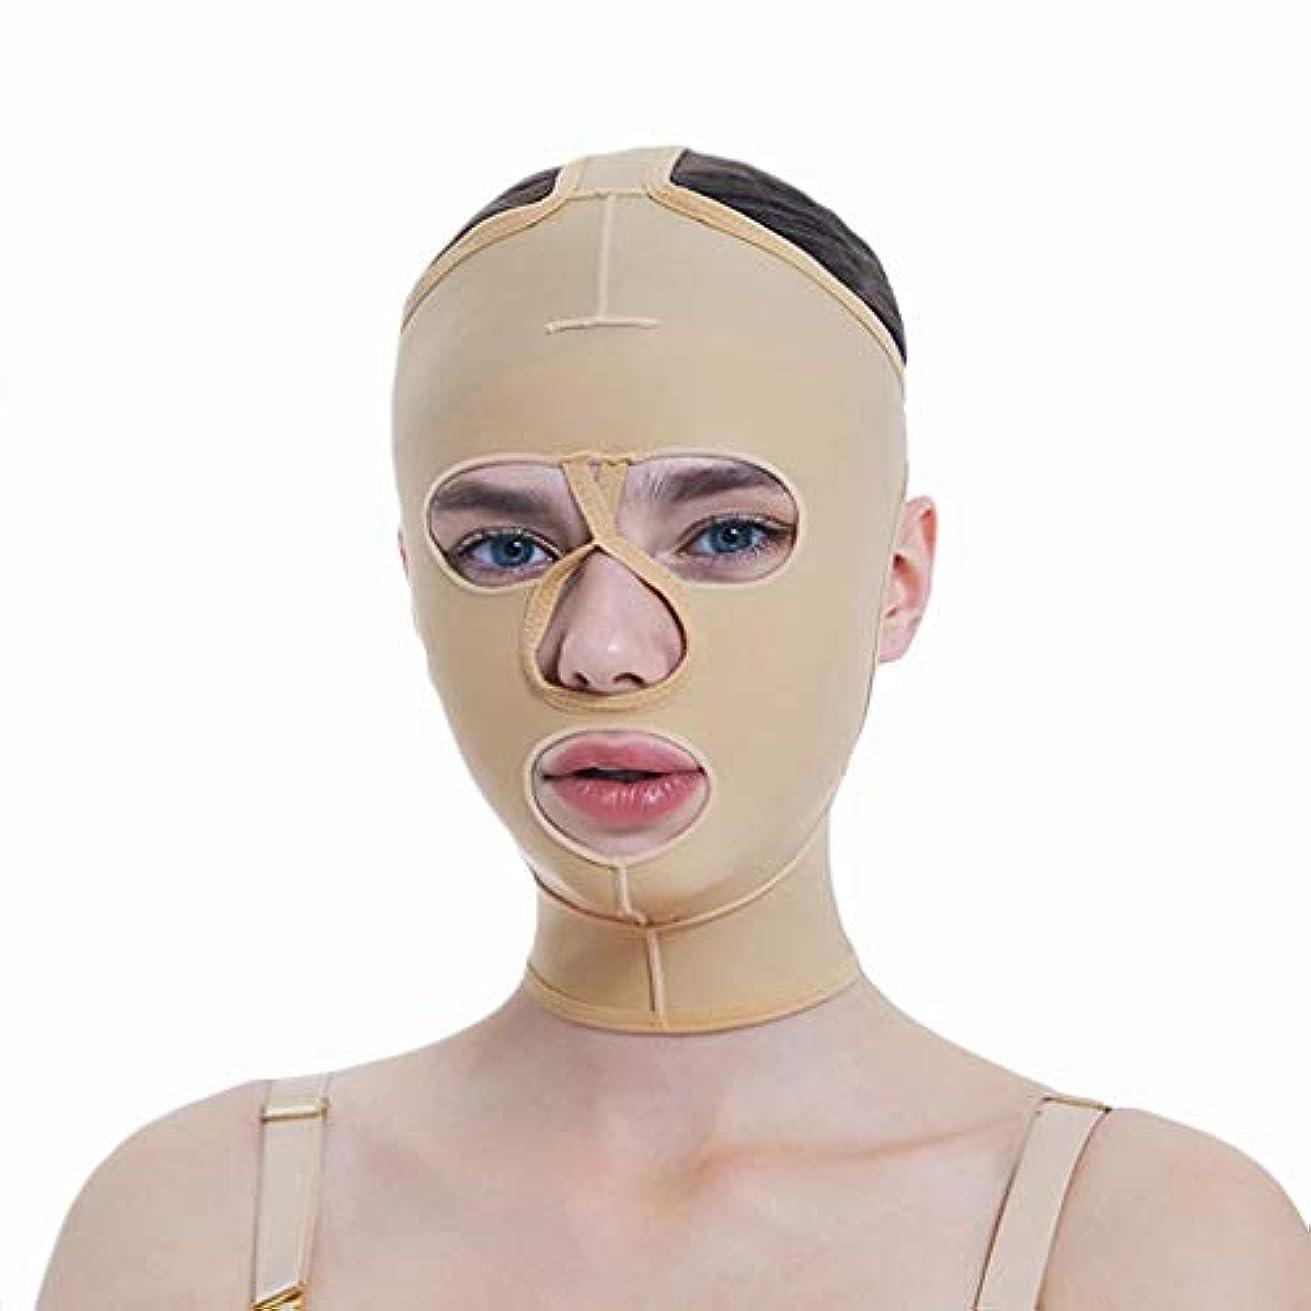 どこかゴミサバントフェイシャル減量マスク、フルカバレッジ包帯、フルフェイスリフティングマスク、フェイスマスク、快適で リフティングシェーピング(サイズ:S),M